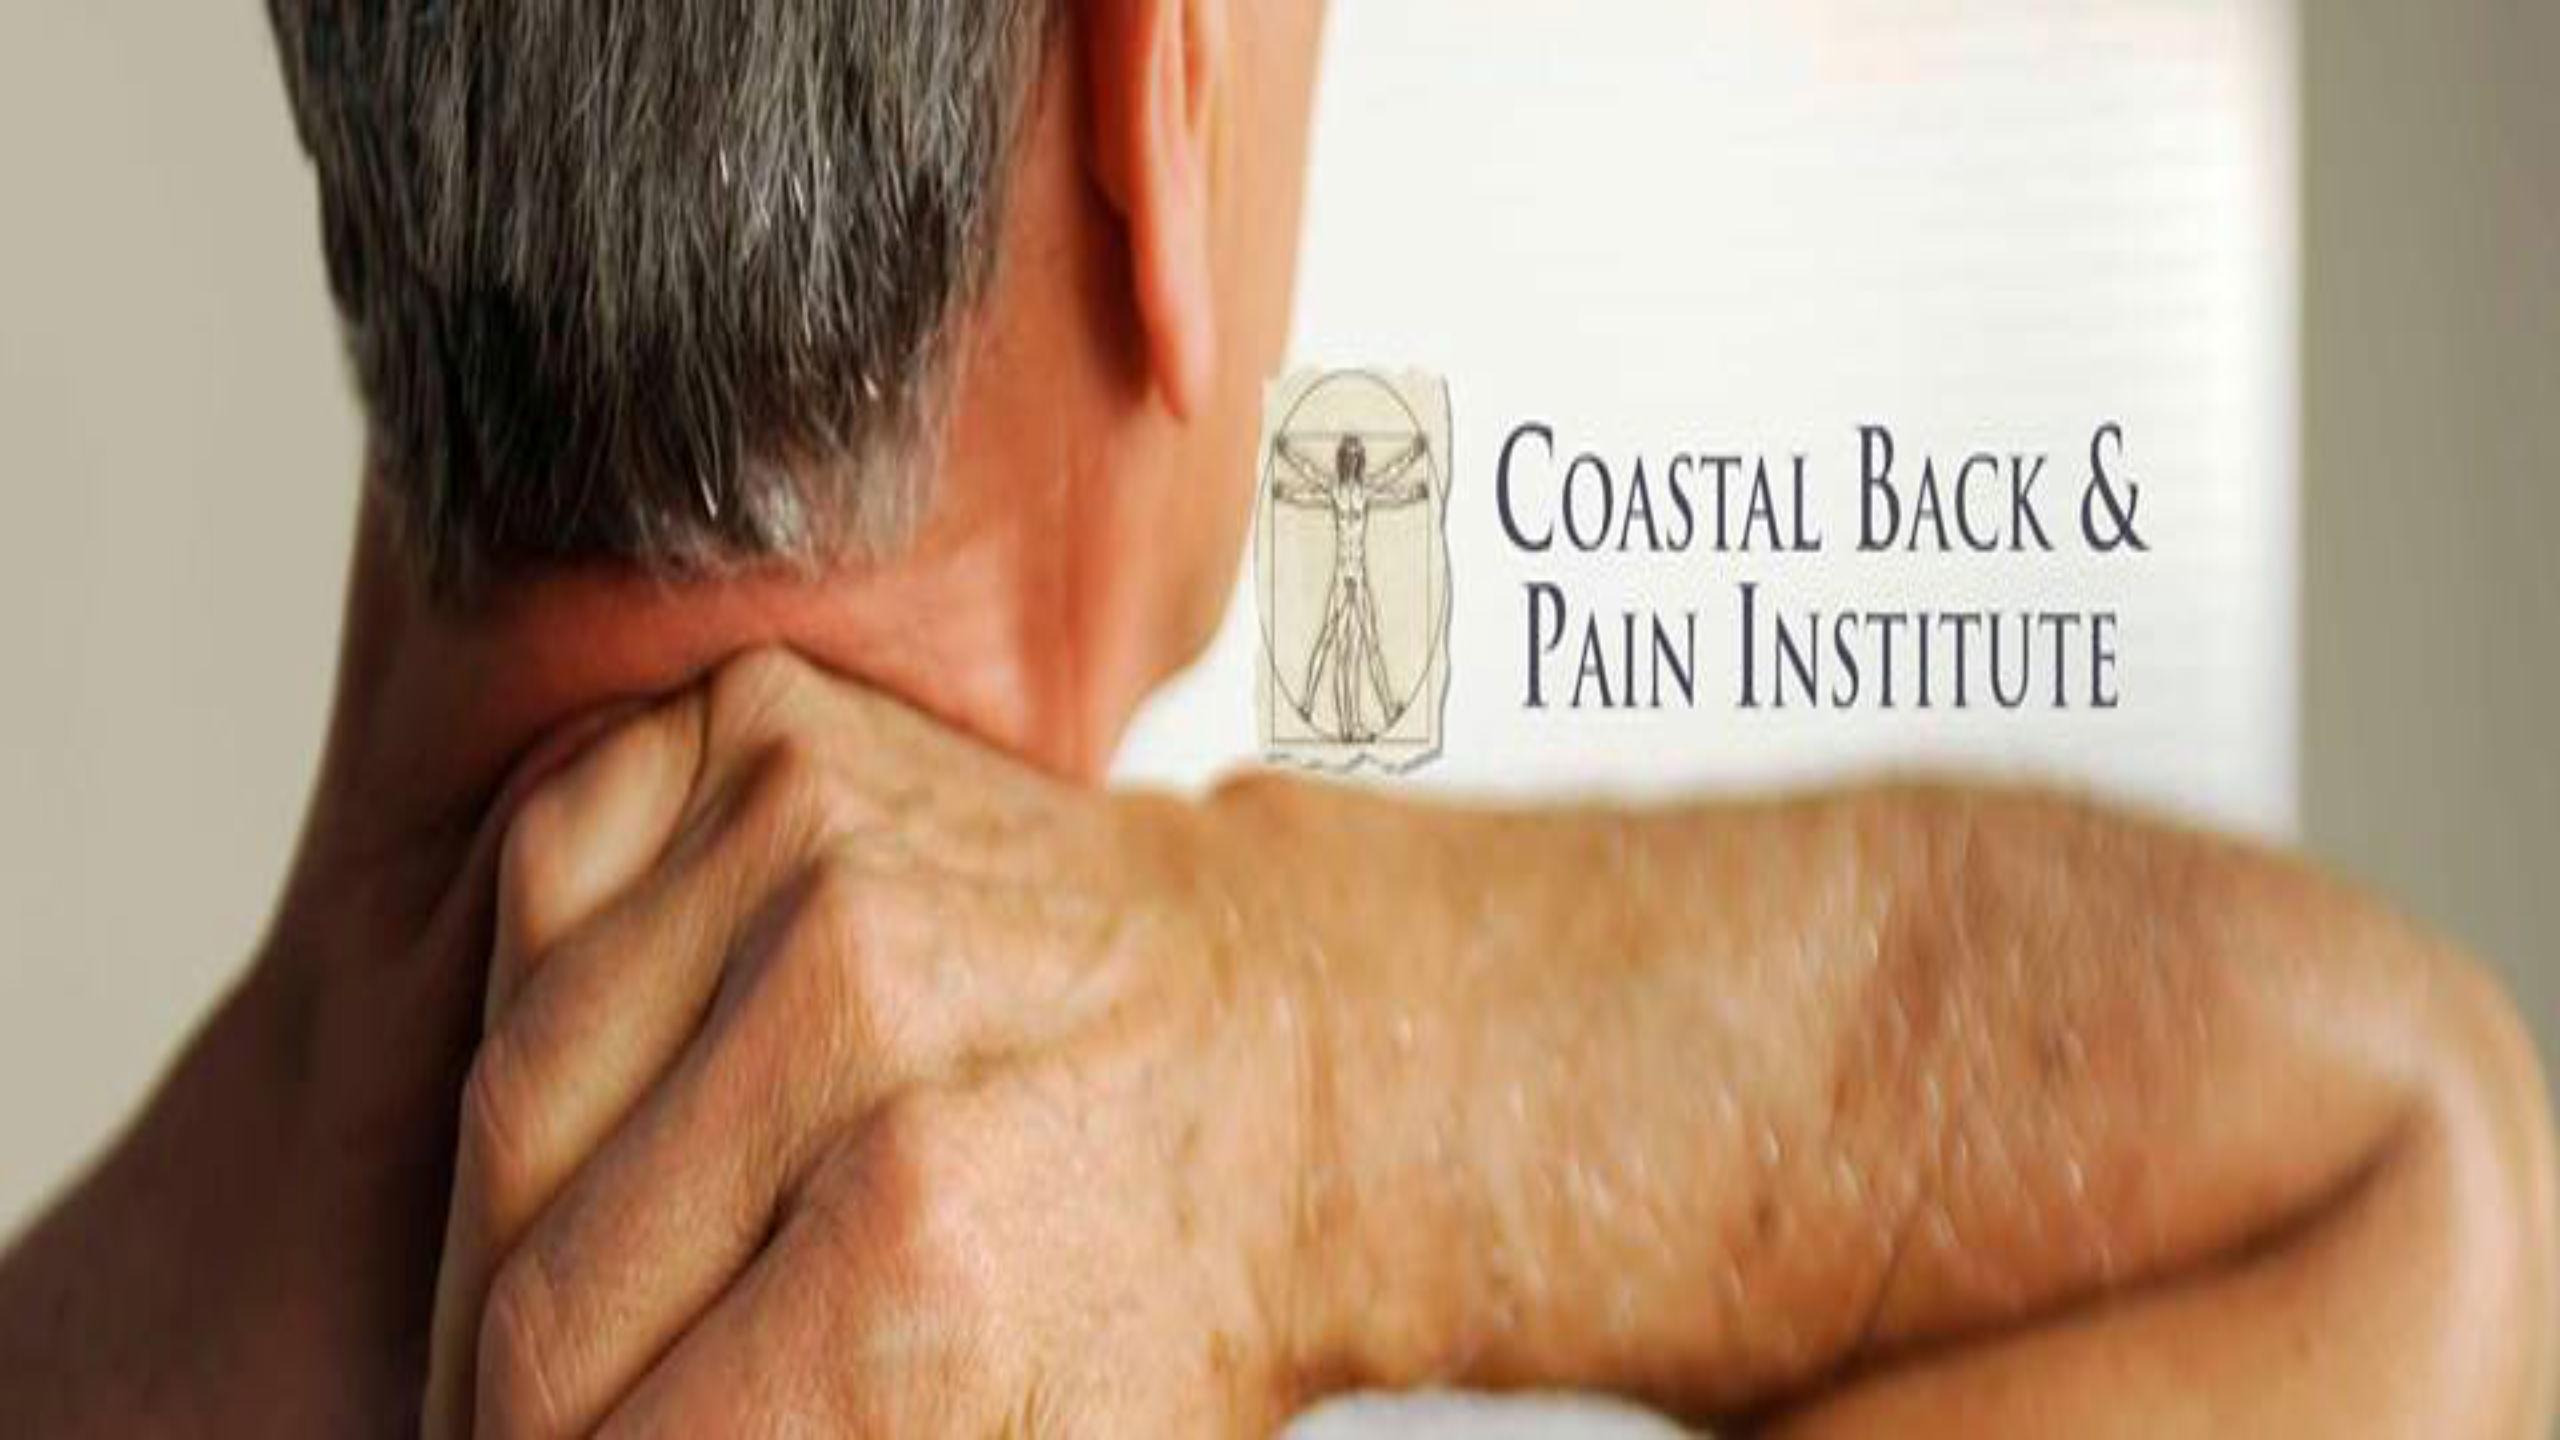 Coastal Back & Pain Institute (@coastalbacknj) Cover Image